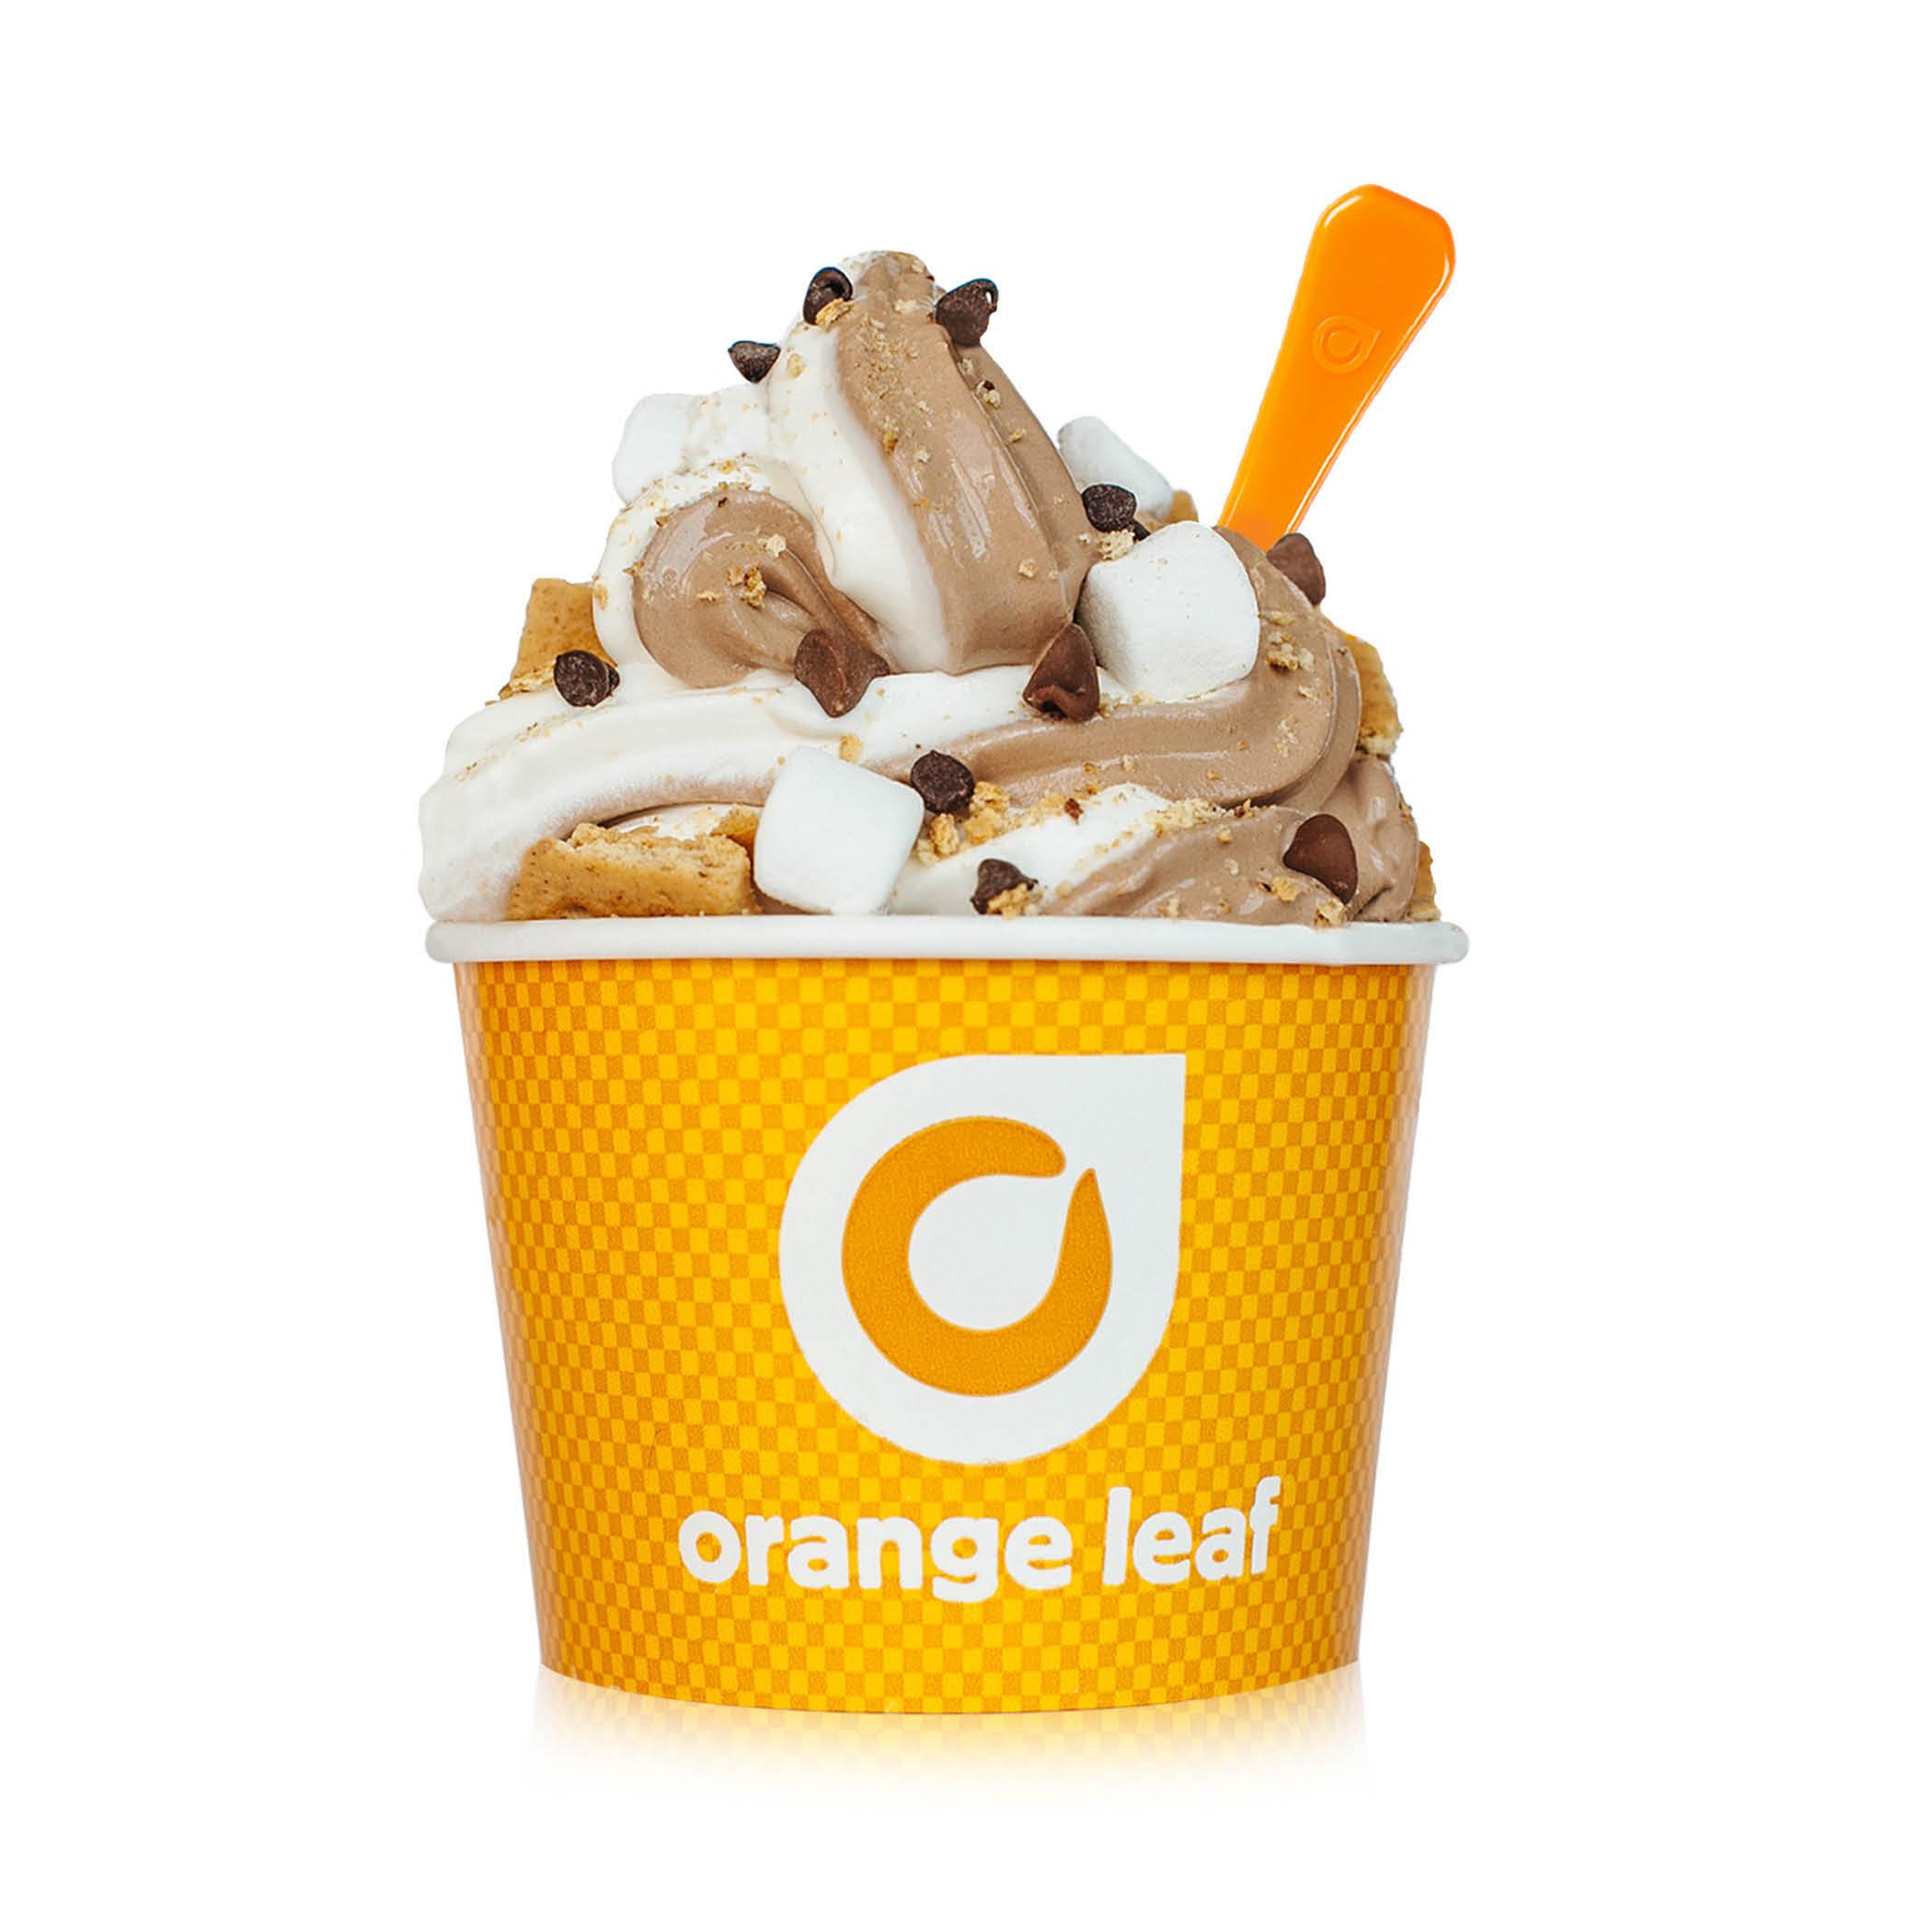 Orange Leaf Ice Cream